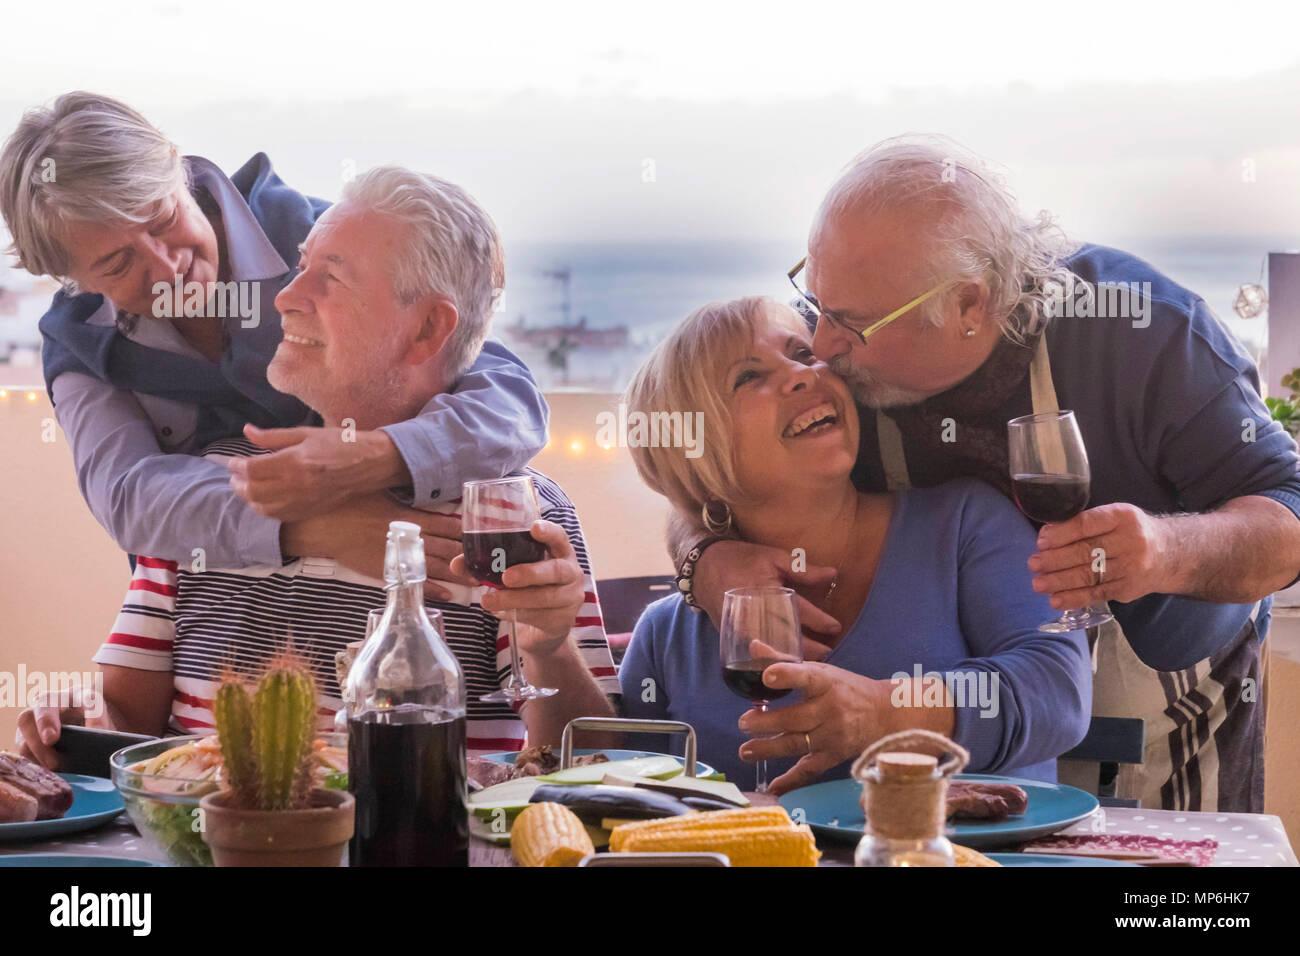 Deux mature couple rester ensemble avec amour sourires et baisers lors d'un dîner en plein air, sur la terrasse sur le toit avec vue sur les toits et de l'océan. la joie et avoir f Photo Stock